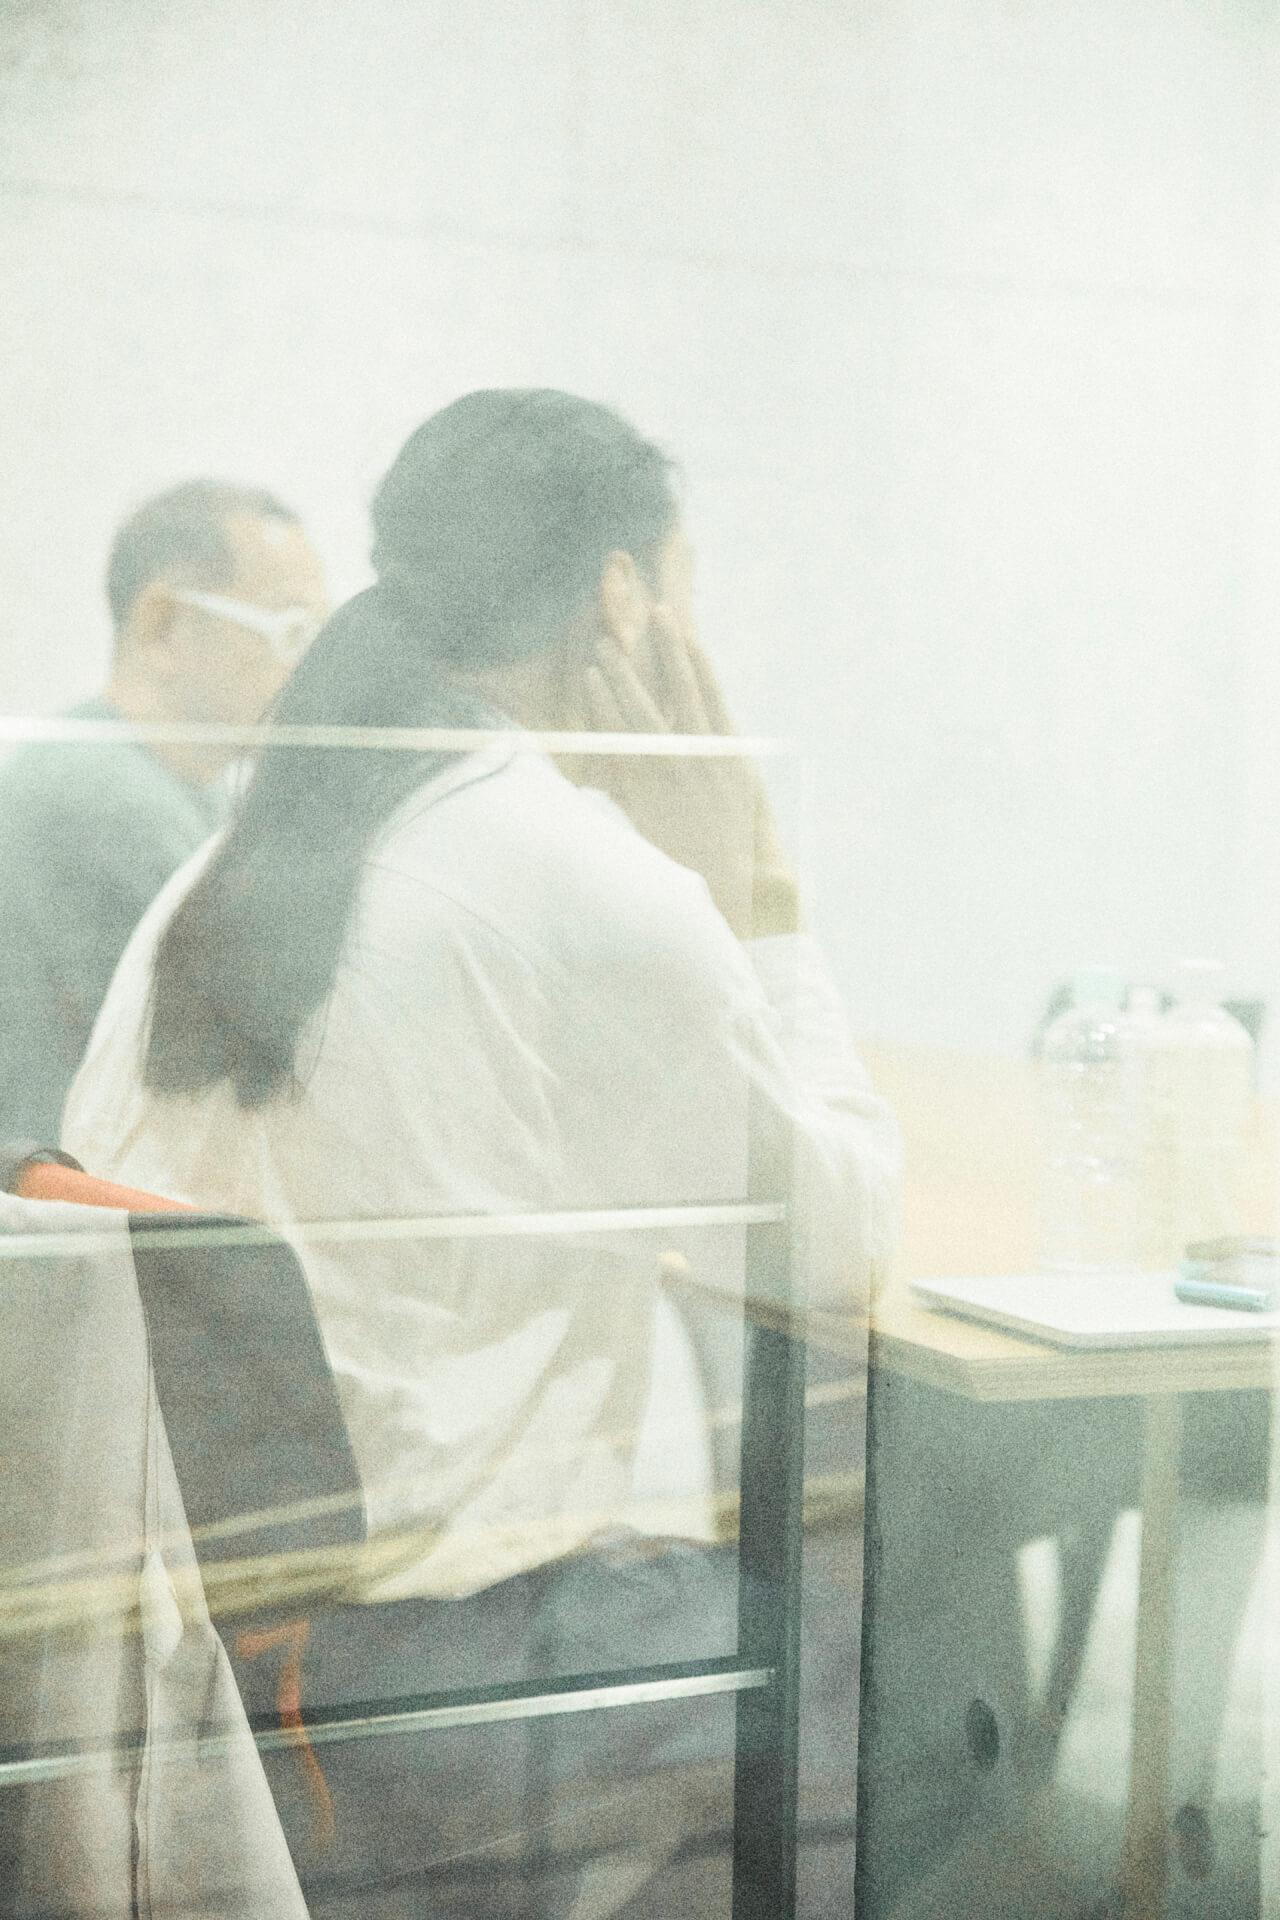 対談:アーティストSeihoが迫る睡眠対談シリーズが始動。体外離脱の楽しみ方を説く「みるみ」が登場! interview210211_seiho_mirumi_6